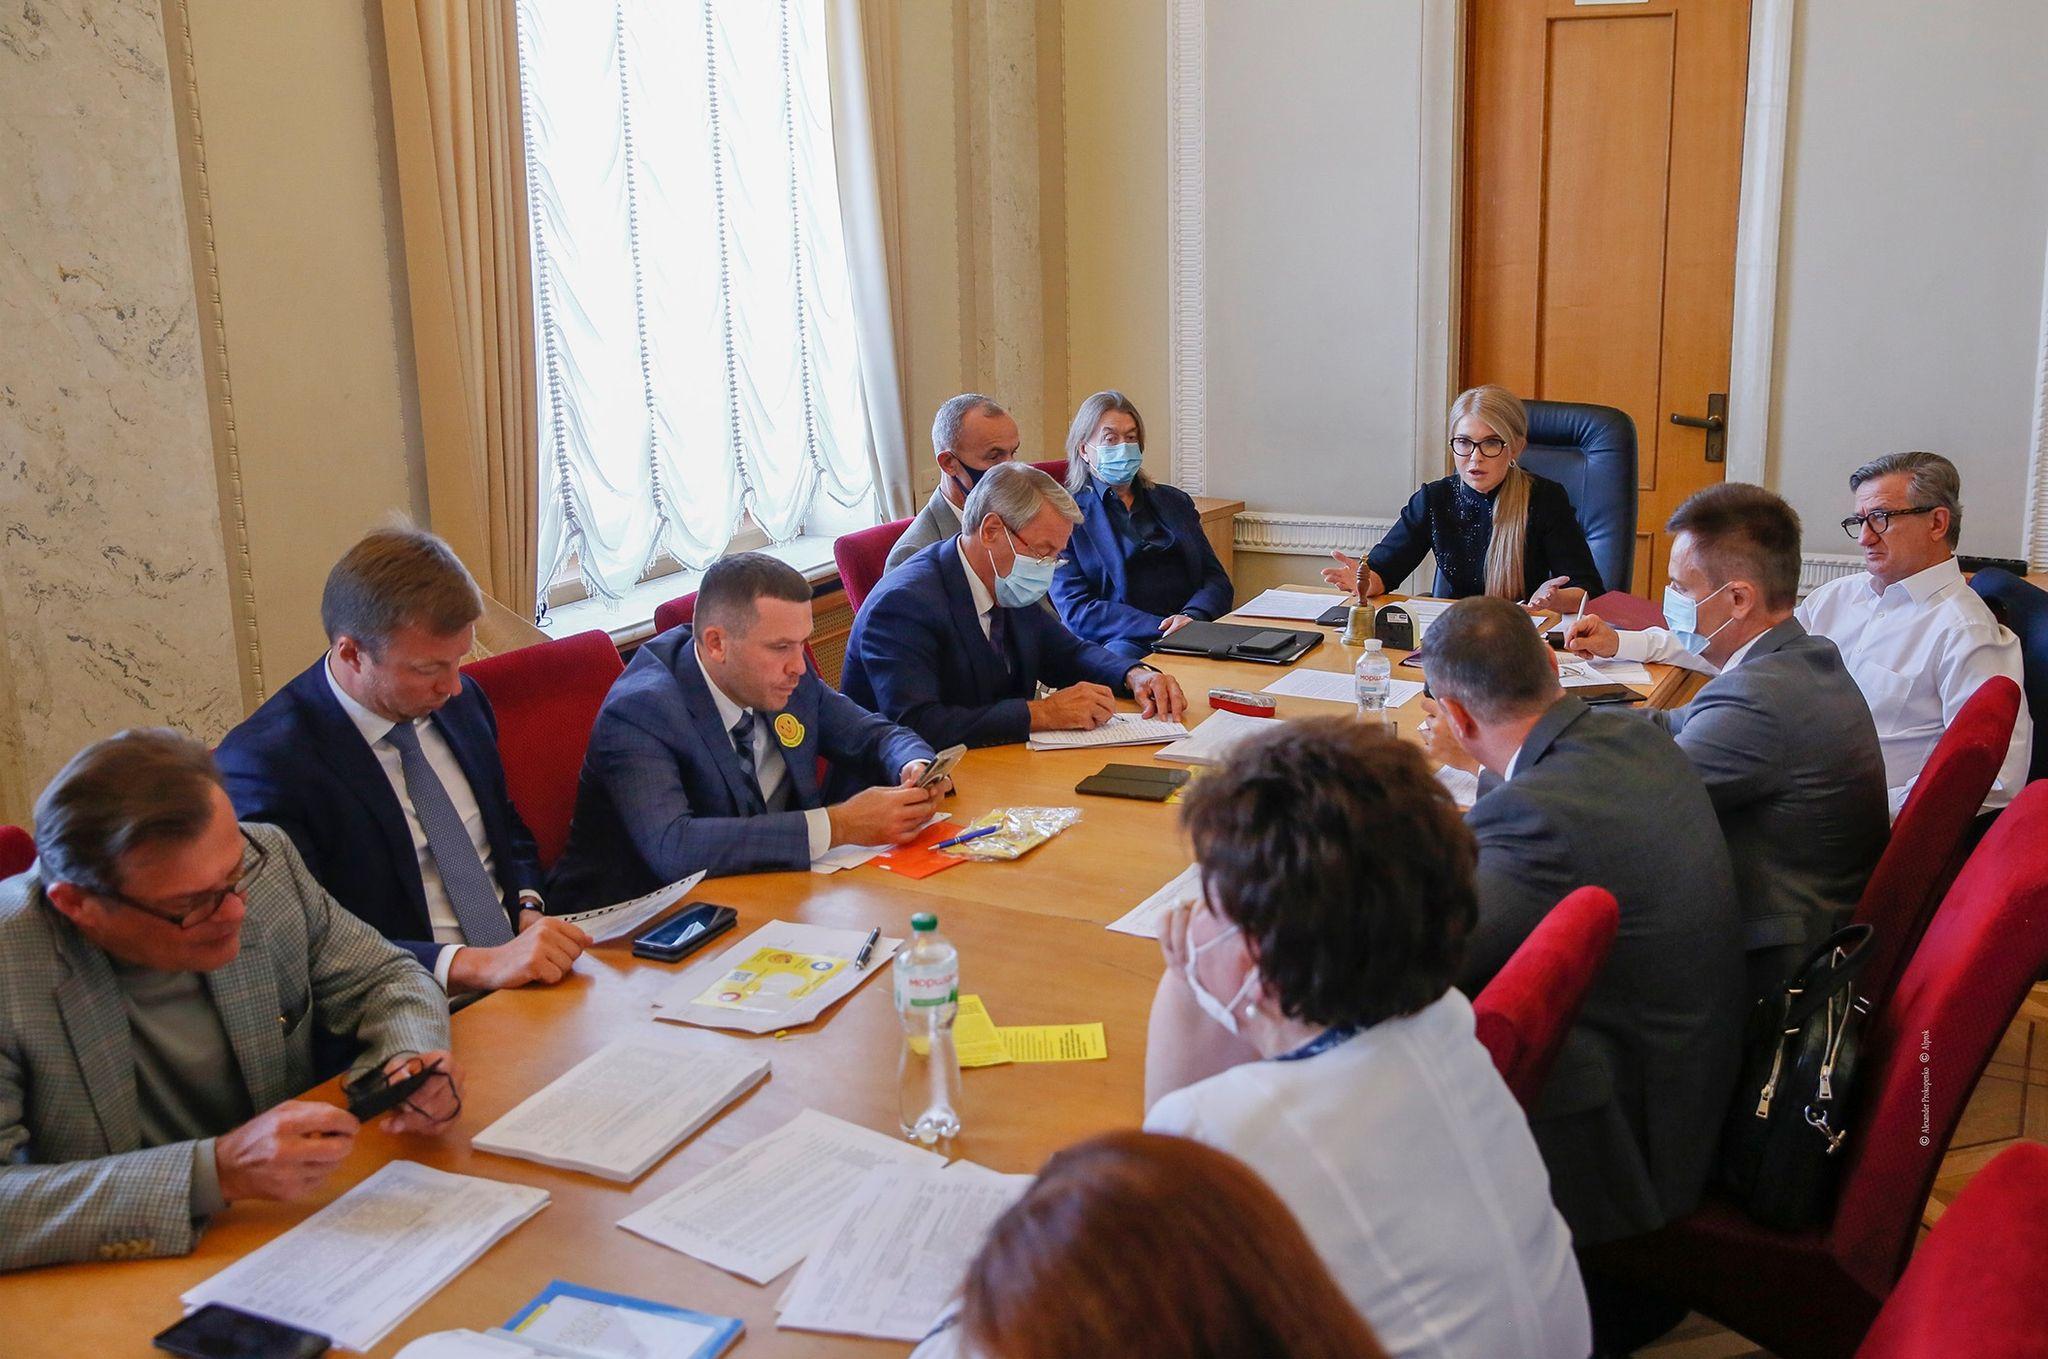 Уряд не розуміє, що веде країну до енергетичного колапсу, а людей вганяє у крайню бідність, — Юлія Тимошенко